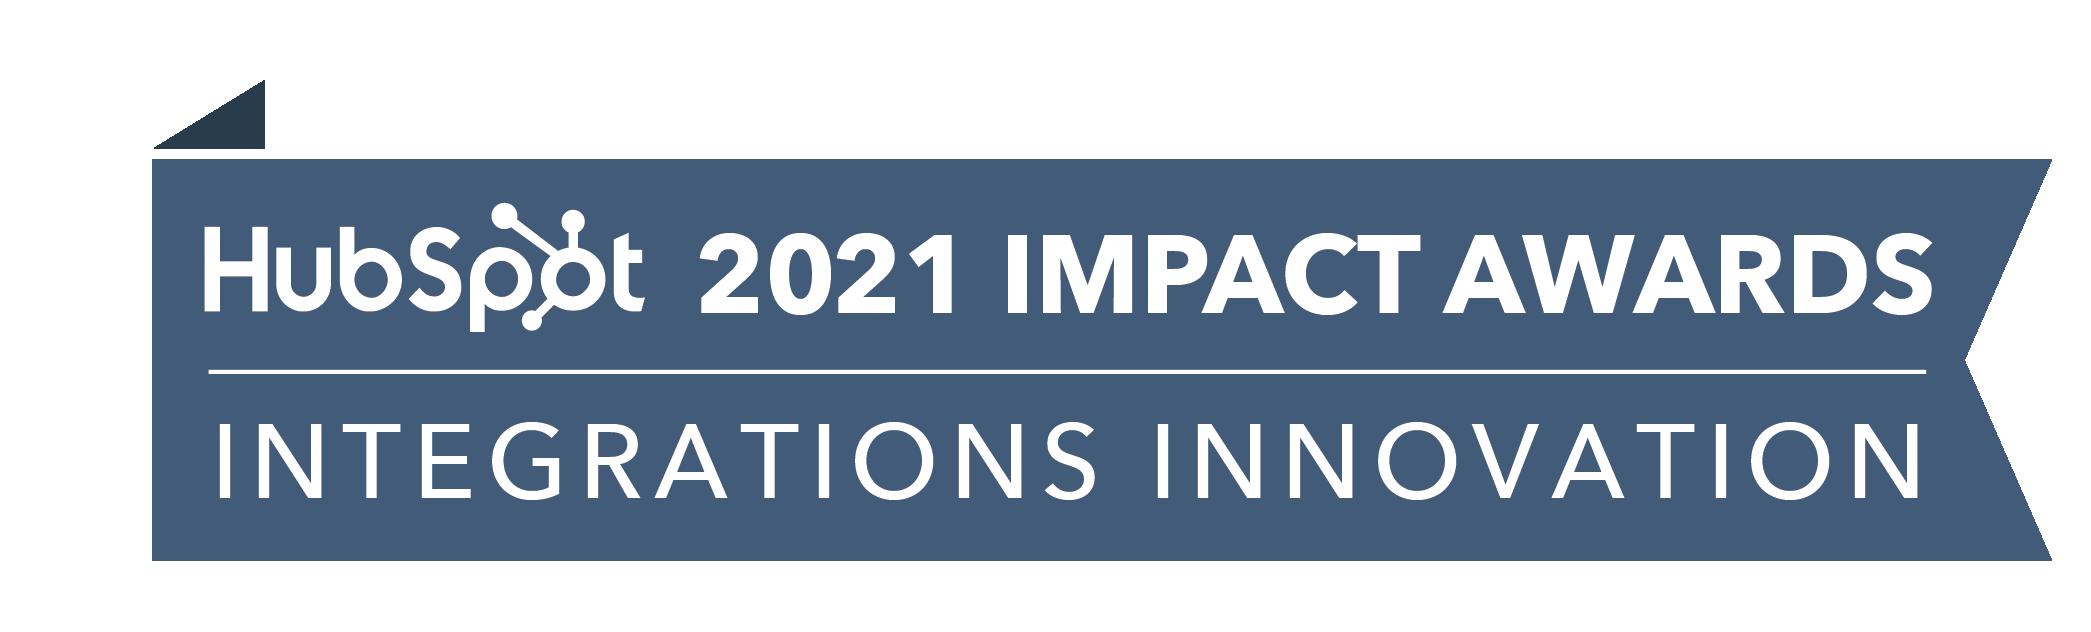 HubSpot_ImpactAwards_2021_IntegrationsInnov2-2